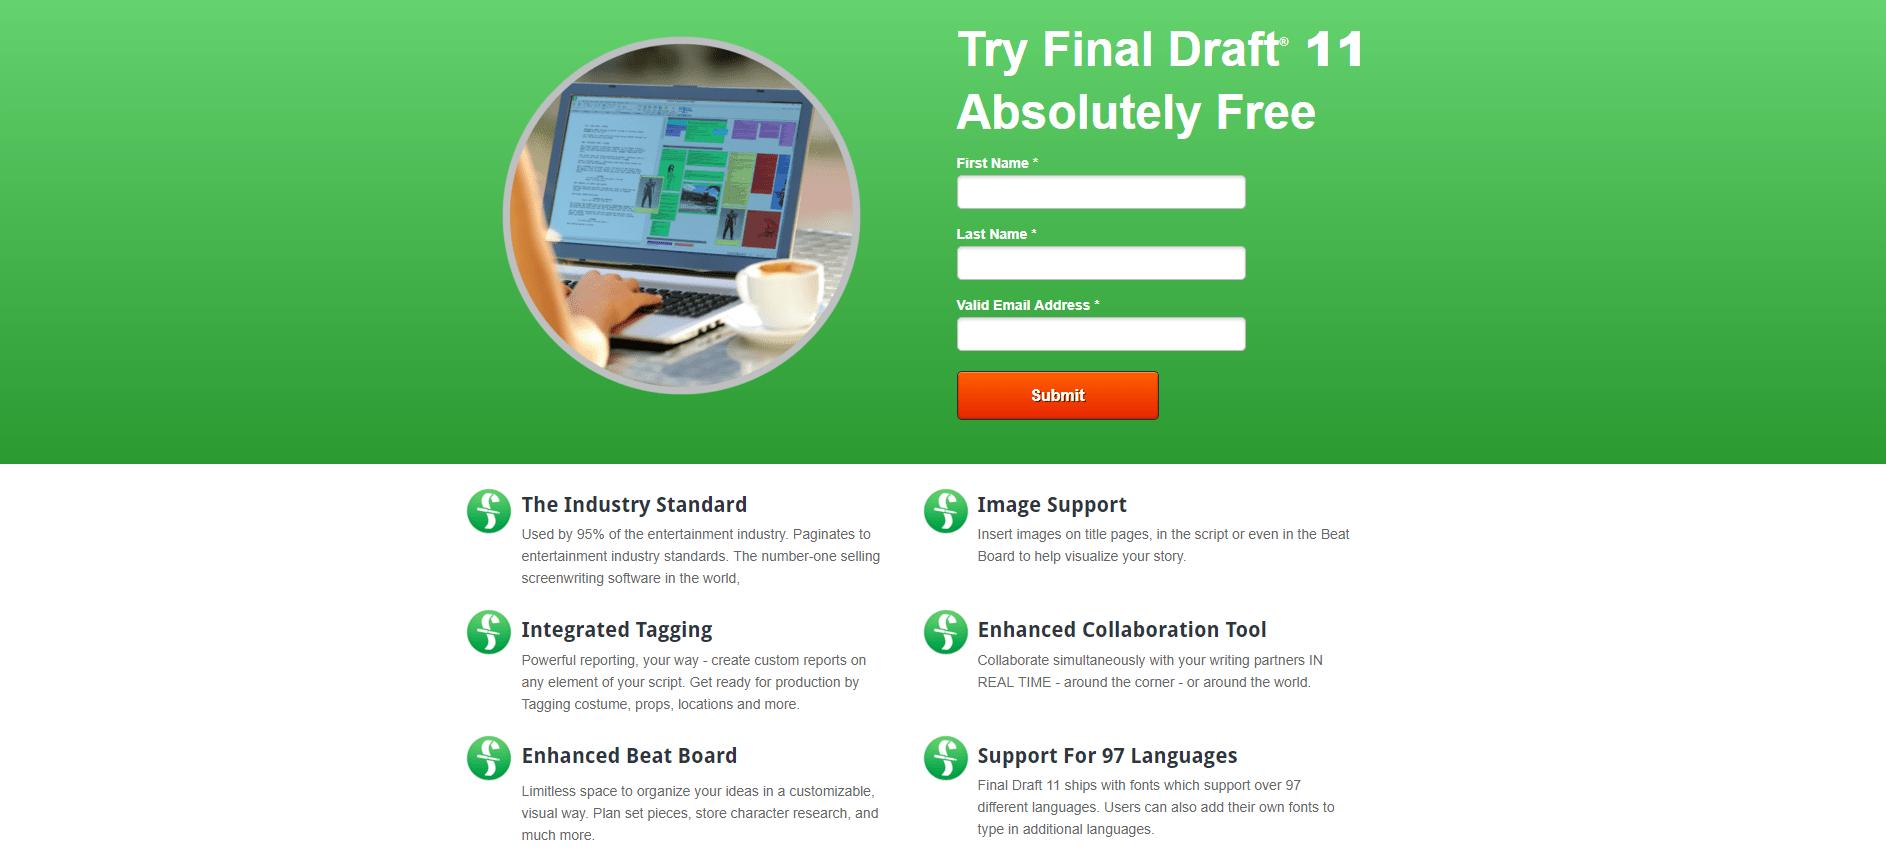 FinalDraft Landing Page